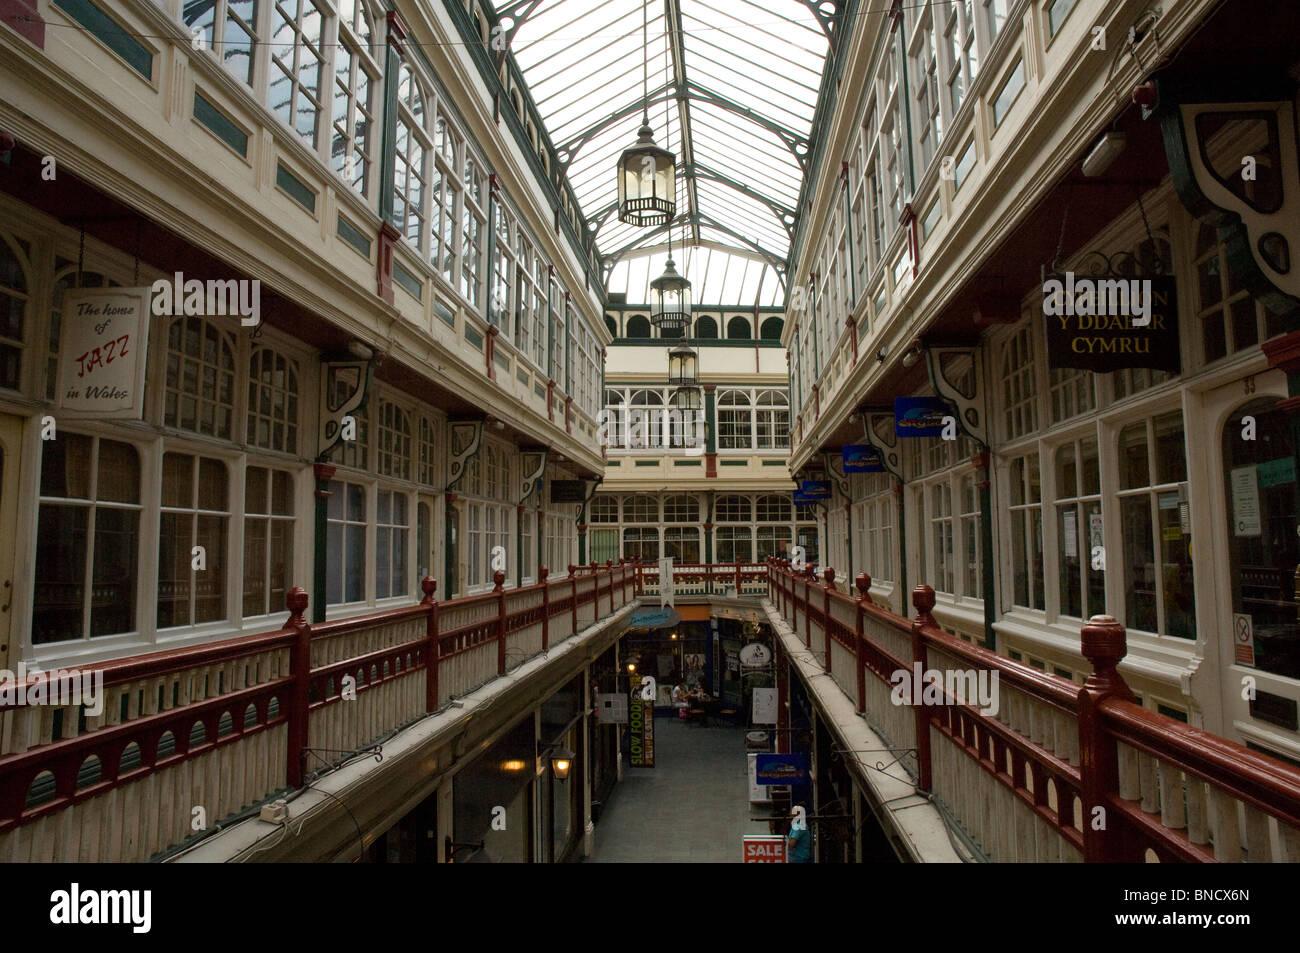 Castle Arcade, Cardiff, Wales, UK, Europe - Stock Image